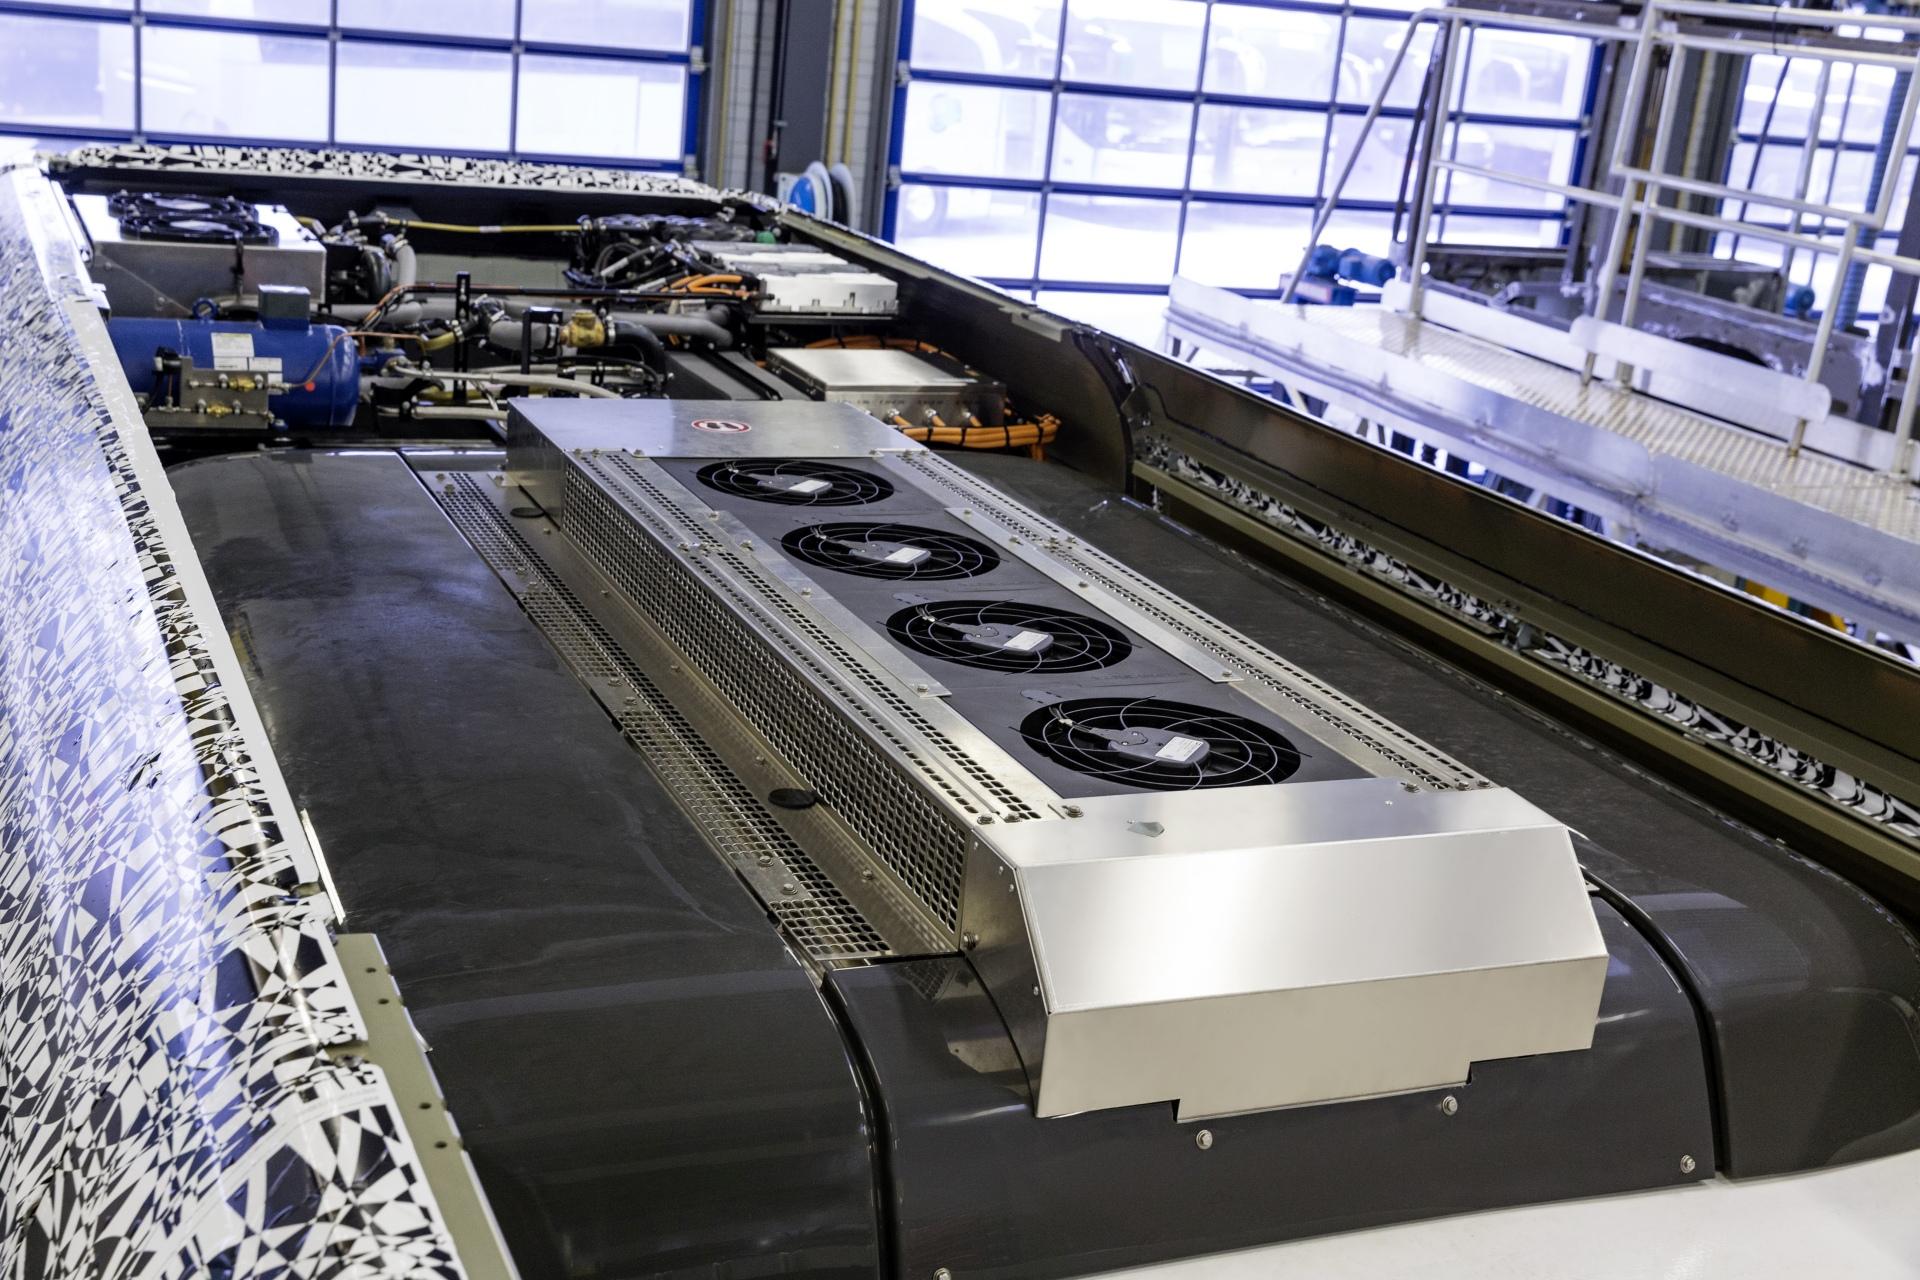 A hőszivattyú mögött a hűtőközeg tartálya és az akkuhűtő, balra a hőszivattyú kompresszor teljesítmény elektronikája, egészen hátul bal oldalt pedig az egész hűtési rendszer tágulási tartálya. (Kép: Daimler)